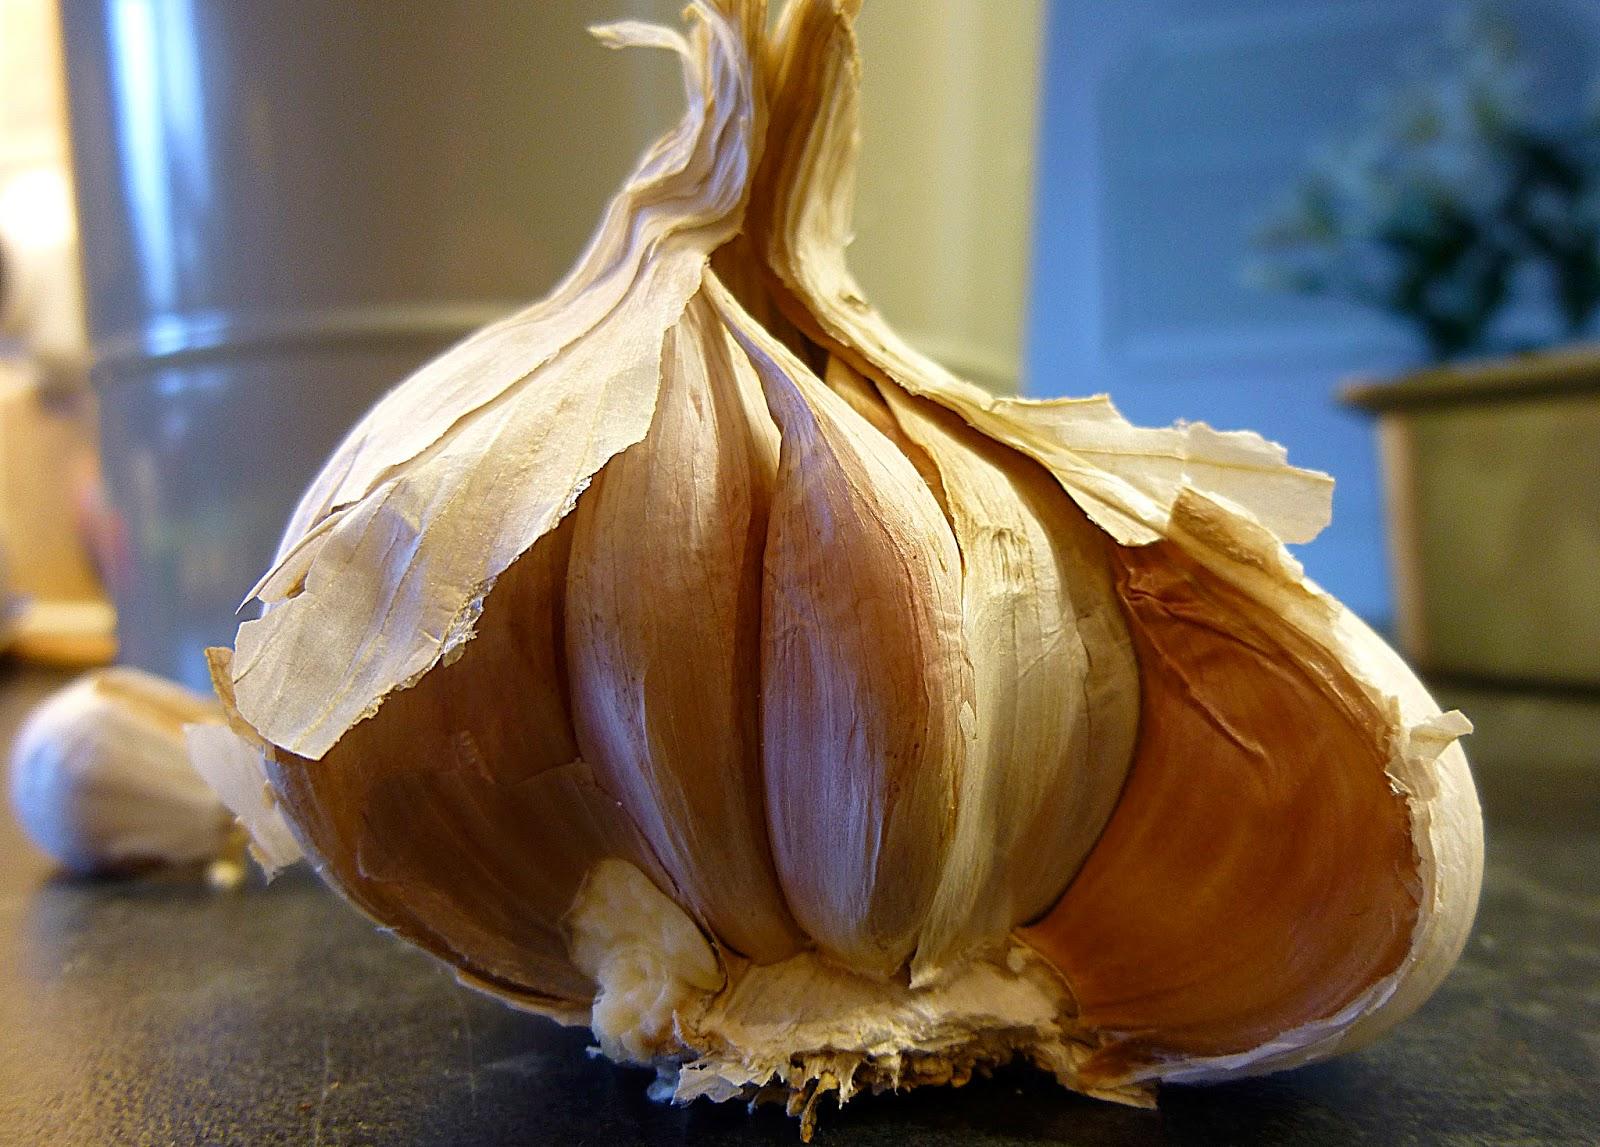 Garlic%2B095-365.JPG